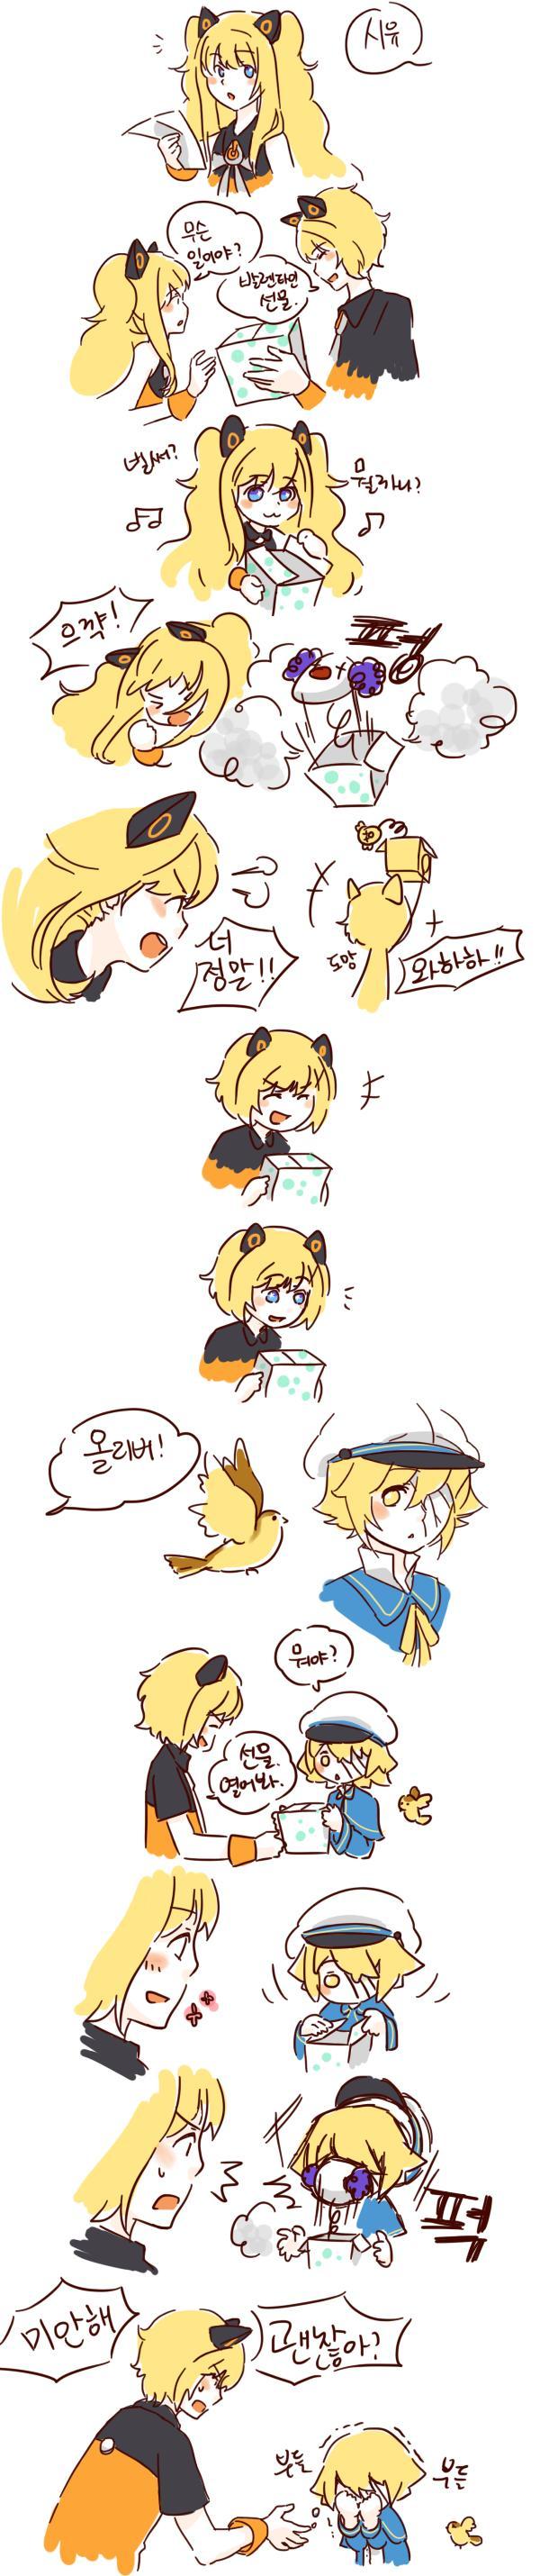 Tags: Anime, VOCALOID, James (Bird), Oliver (VOCALOID), USee, SeeU, ZeeU, Translated, Comic